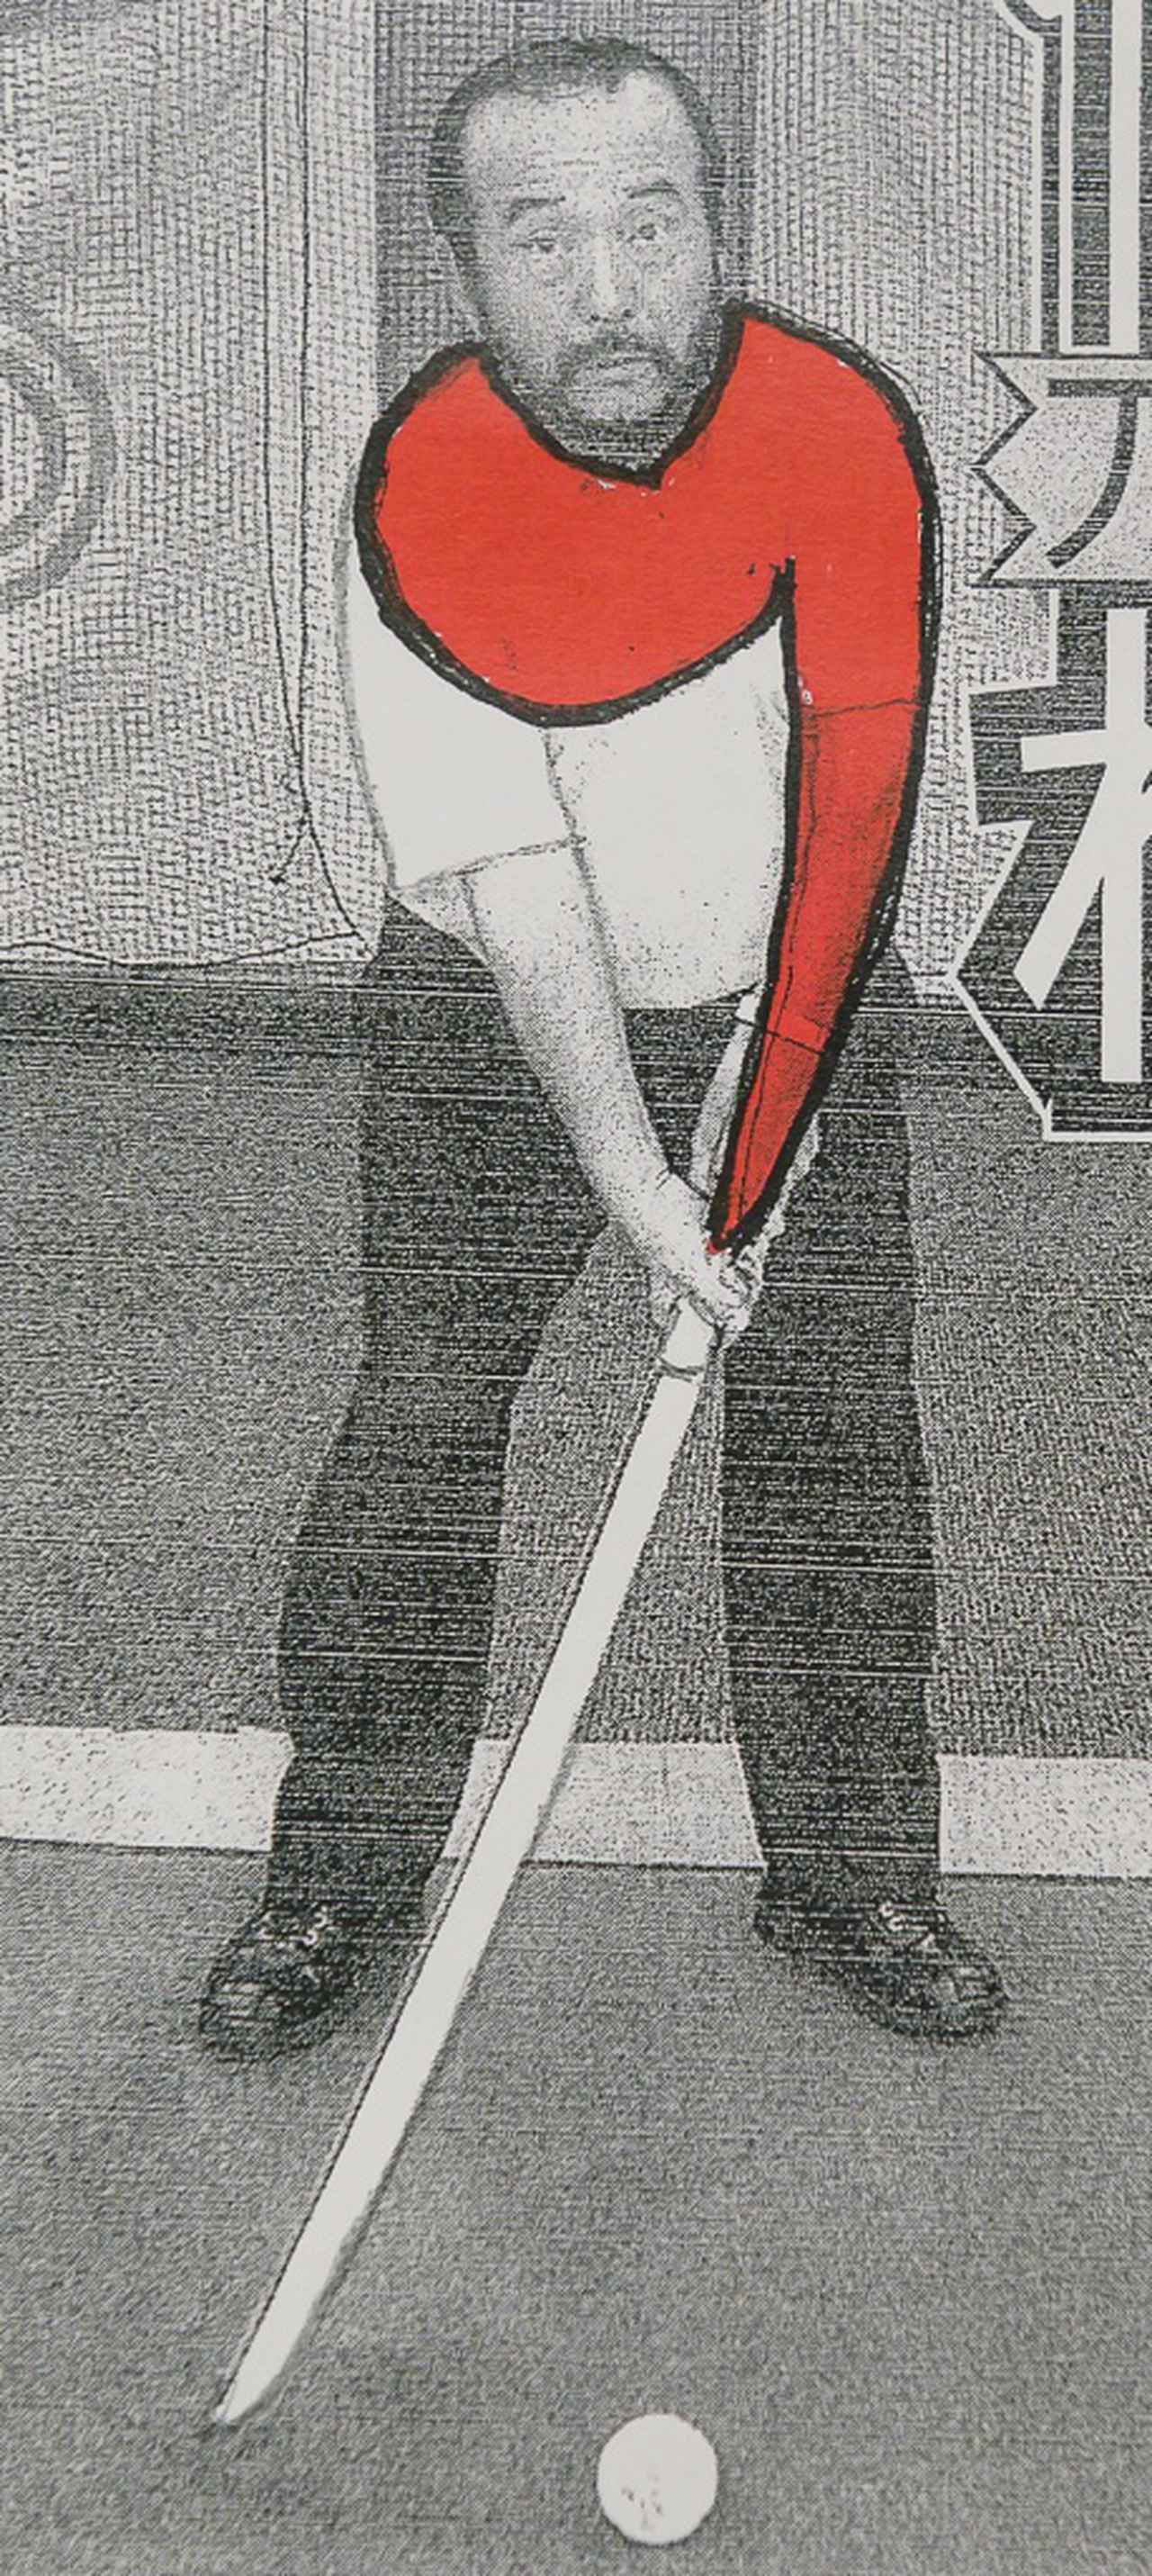 画像: 刀打法を教える篠塚先生(新聞に載ったとき)を見ていると自然に「勾玉」が見えてくる!(塗りつぶし部分)